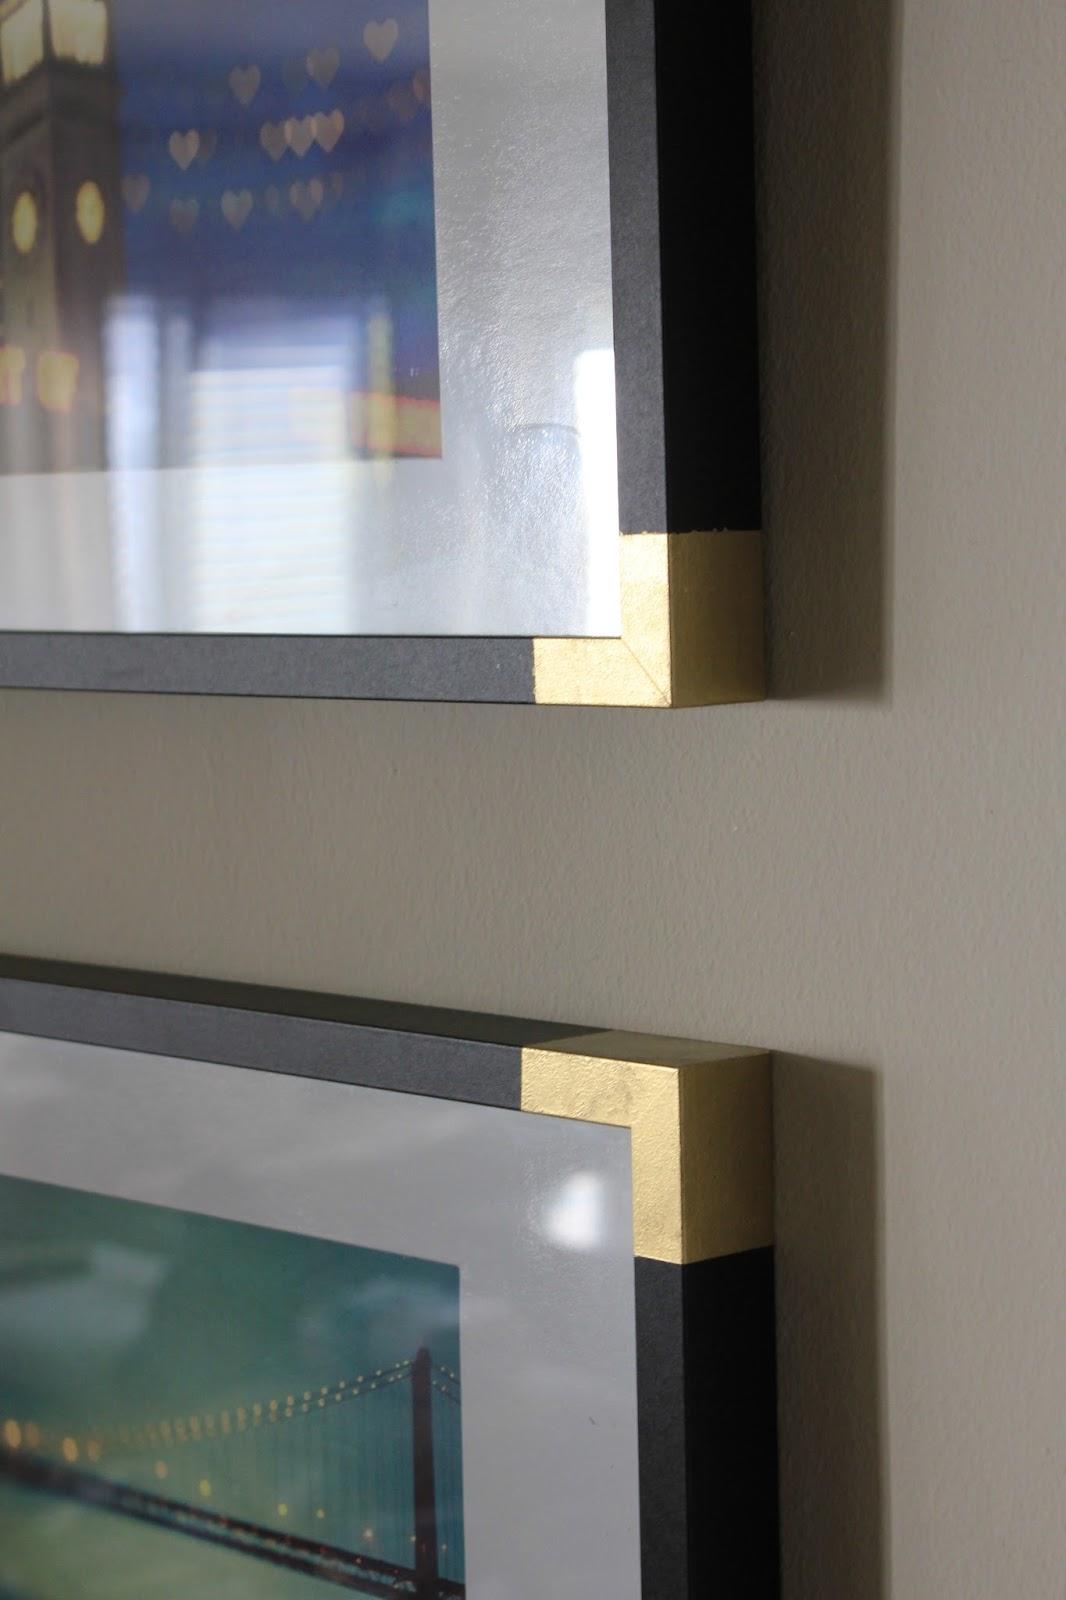 Cup Half Full: DIY Embellished Picture Frames